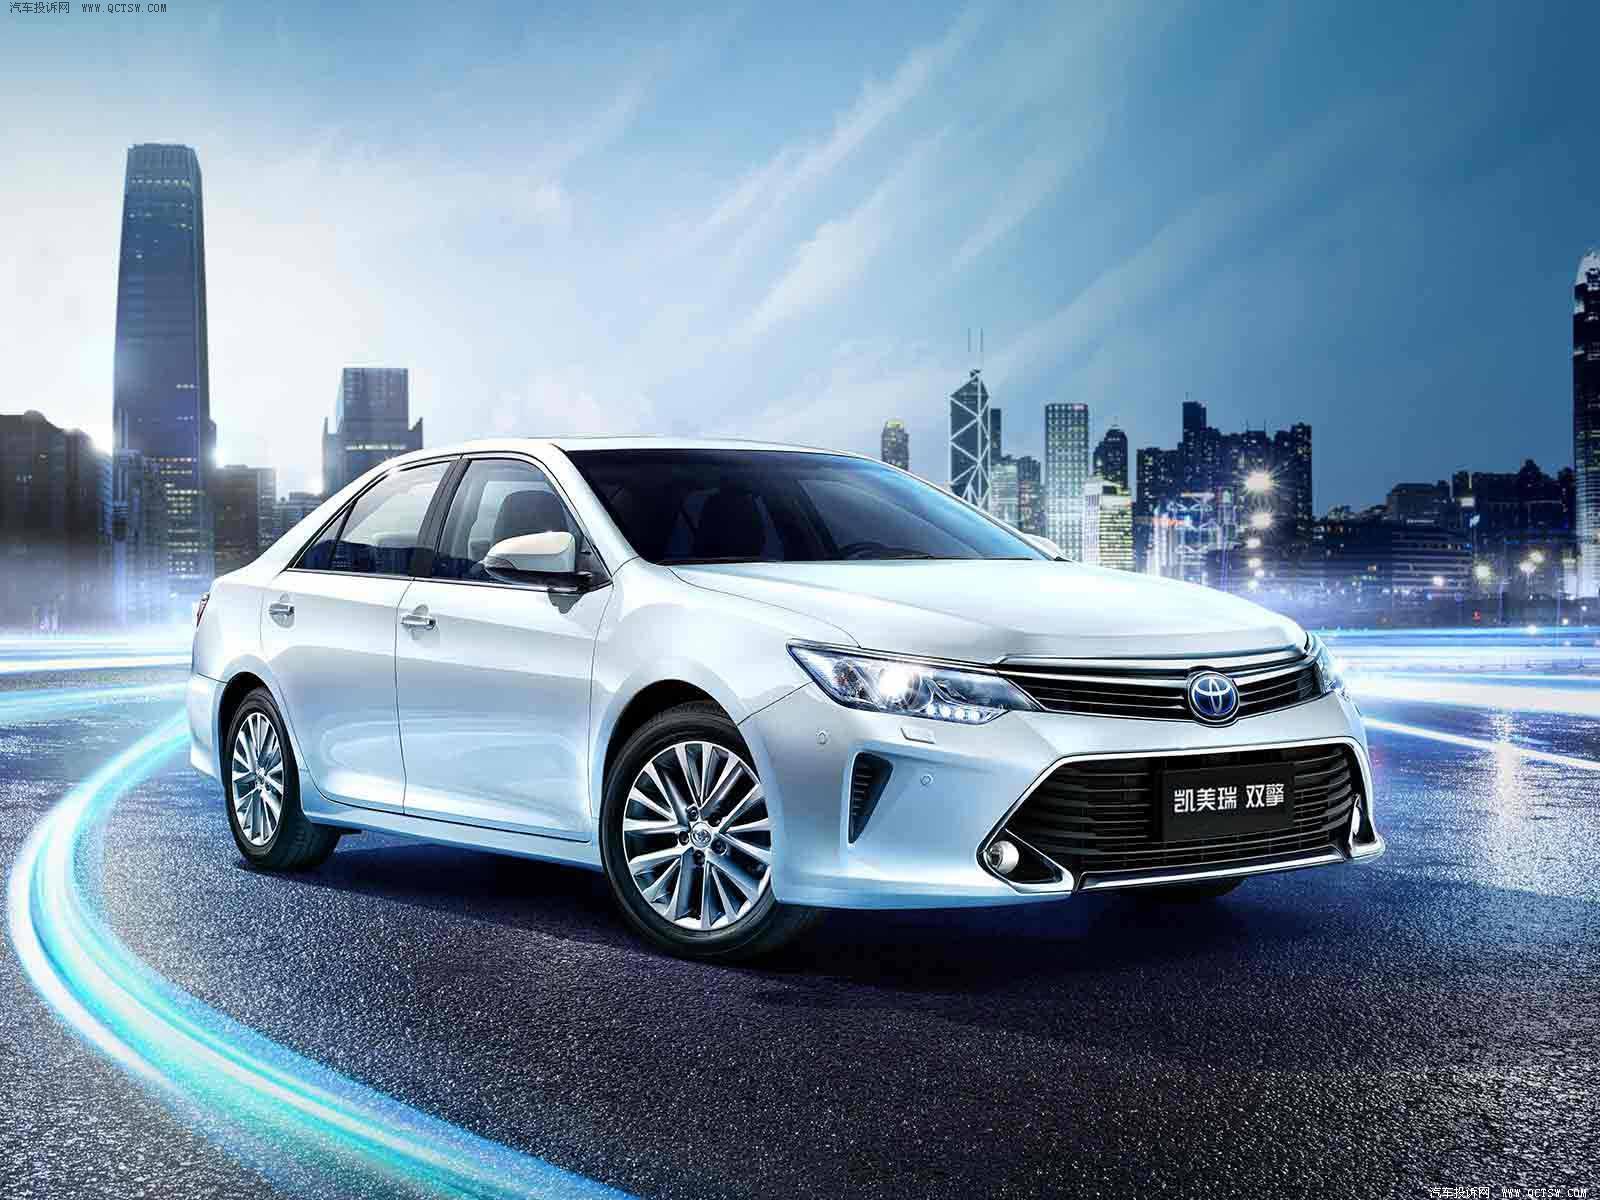 2019中级车排行榜_海马3促销现金优惠1万元 最低售价仅9.38万